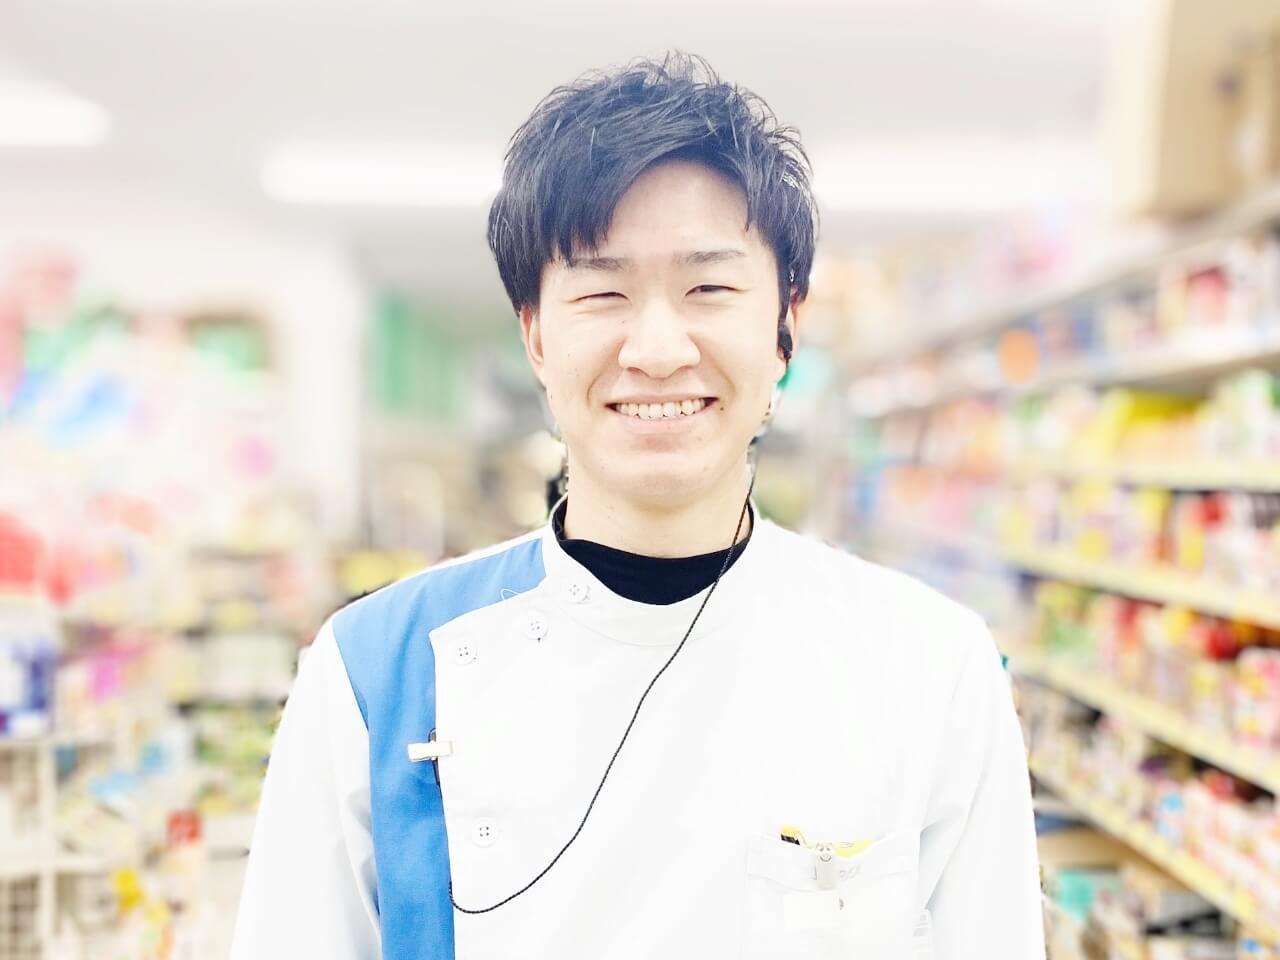 店長(営業部(店舗) / 2011年入社)